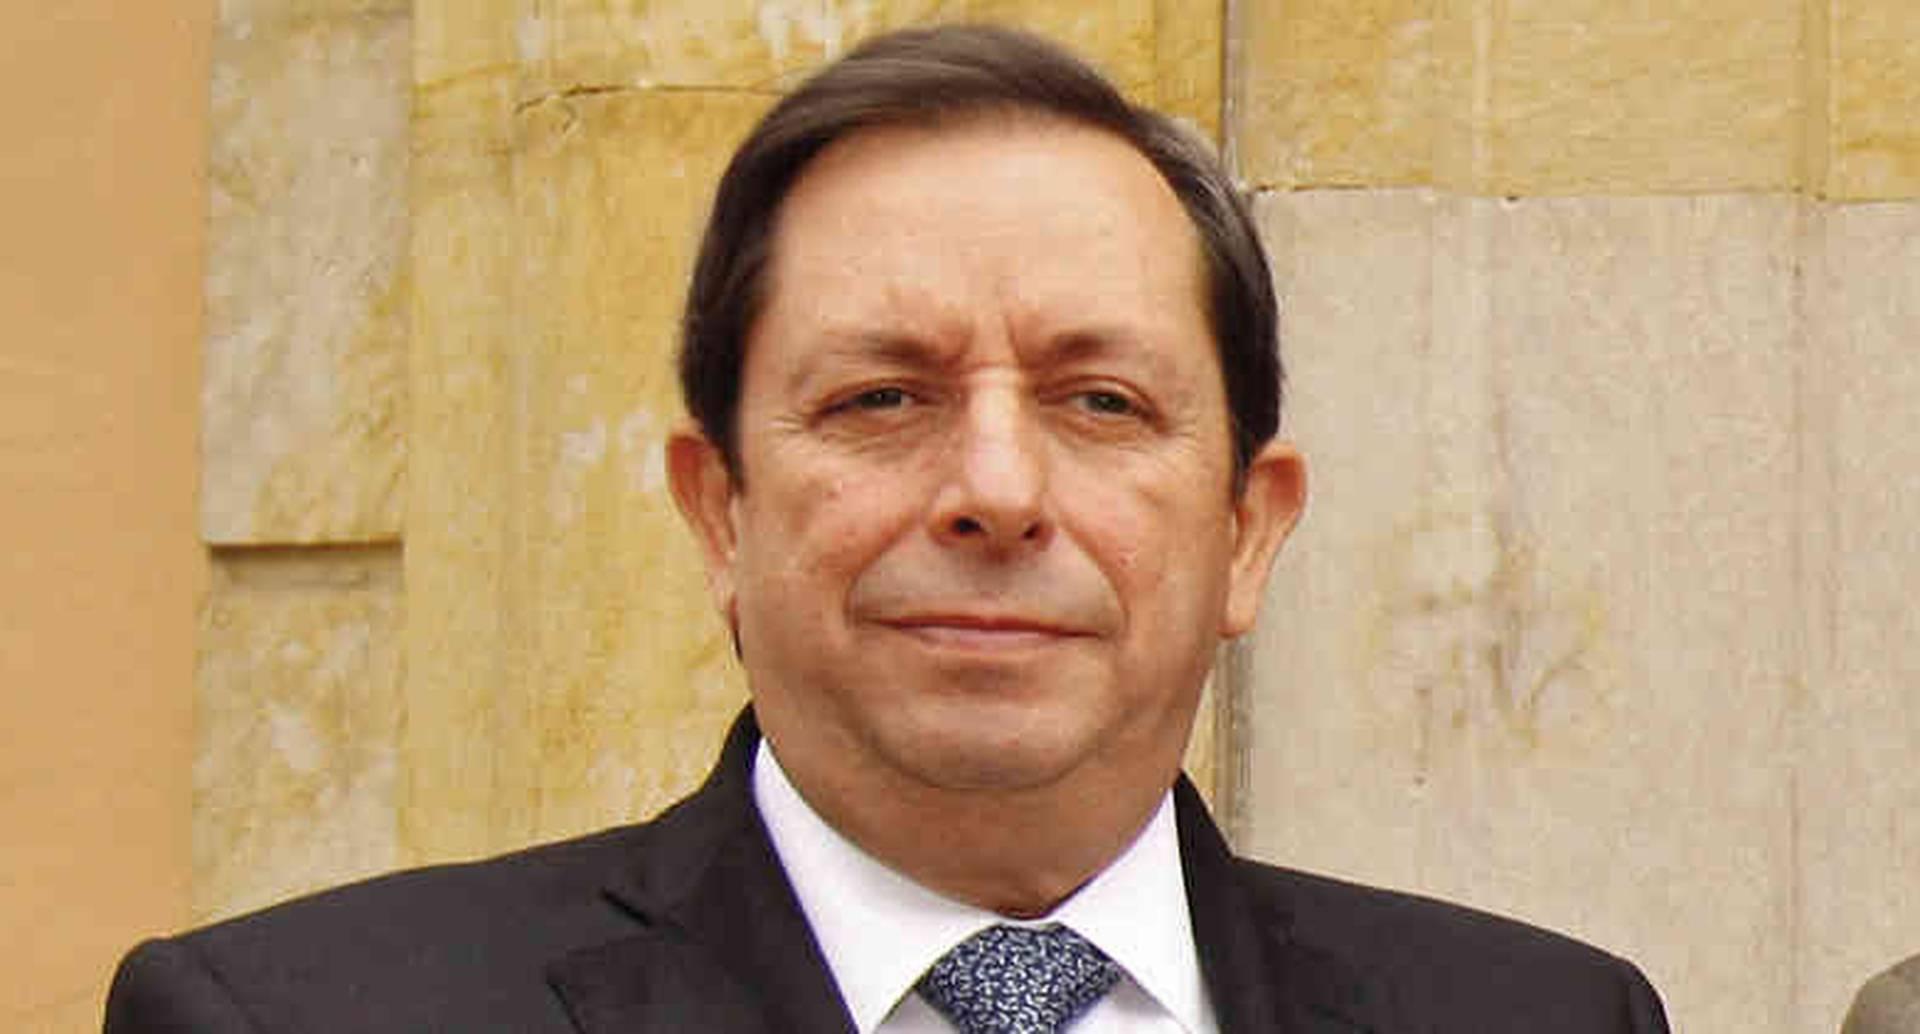 Almirante Álvaro Echandía, director de la Dirección Nacional de Inteligencia.